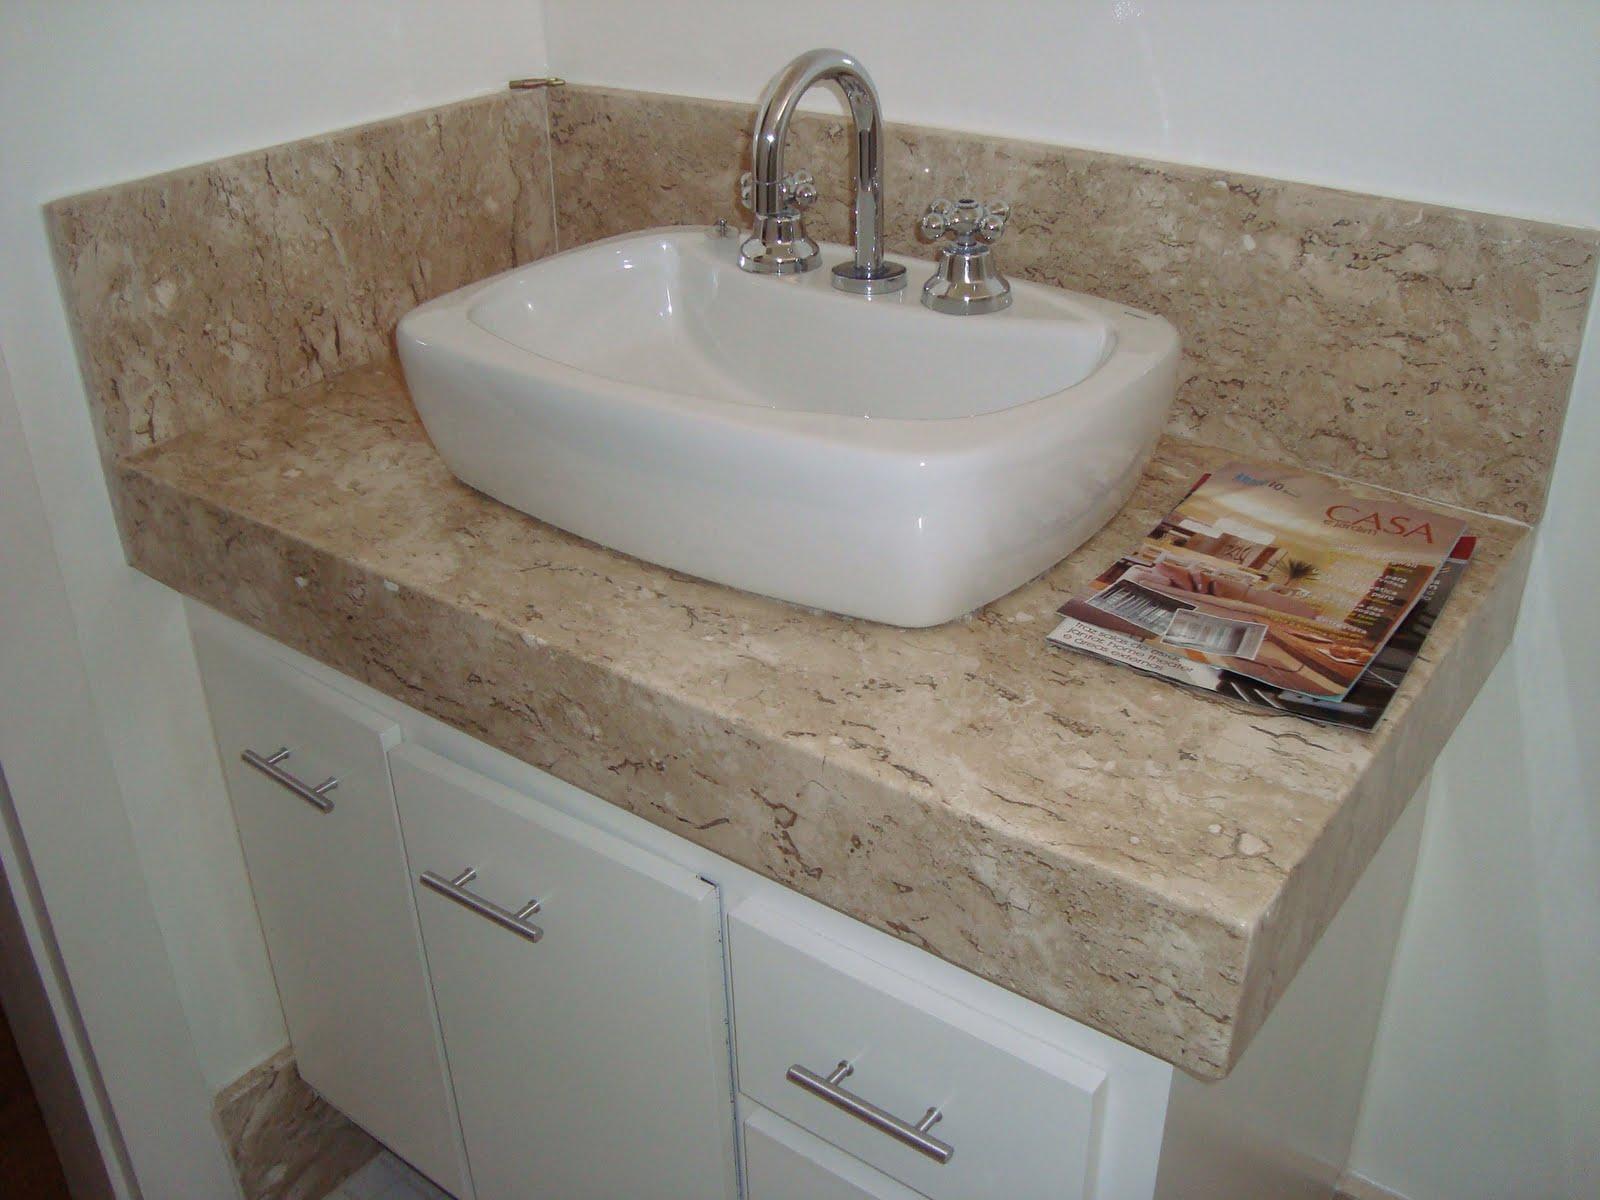 As bancadas dos meus banheiros serão em granito ou mármore ? #634C3D 1600x1200 Banheiro Com Bancada Preta